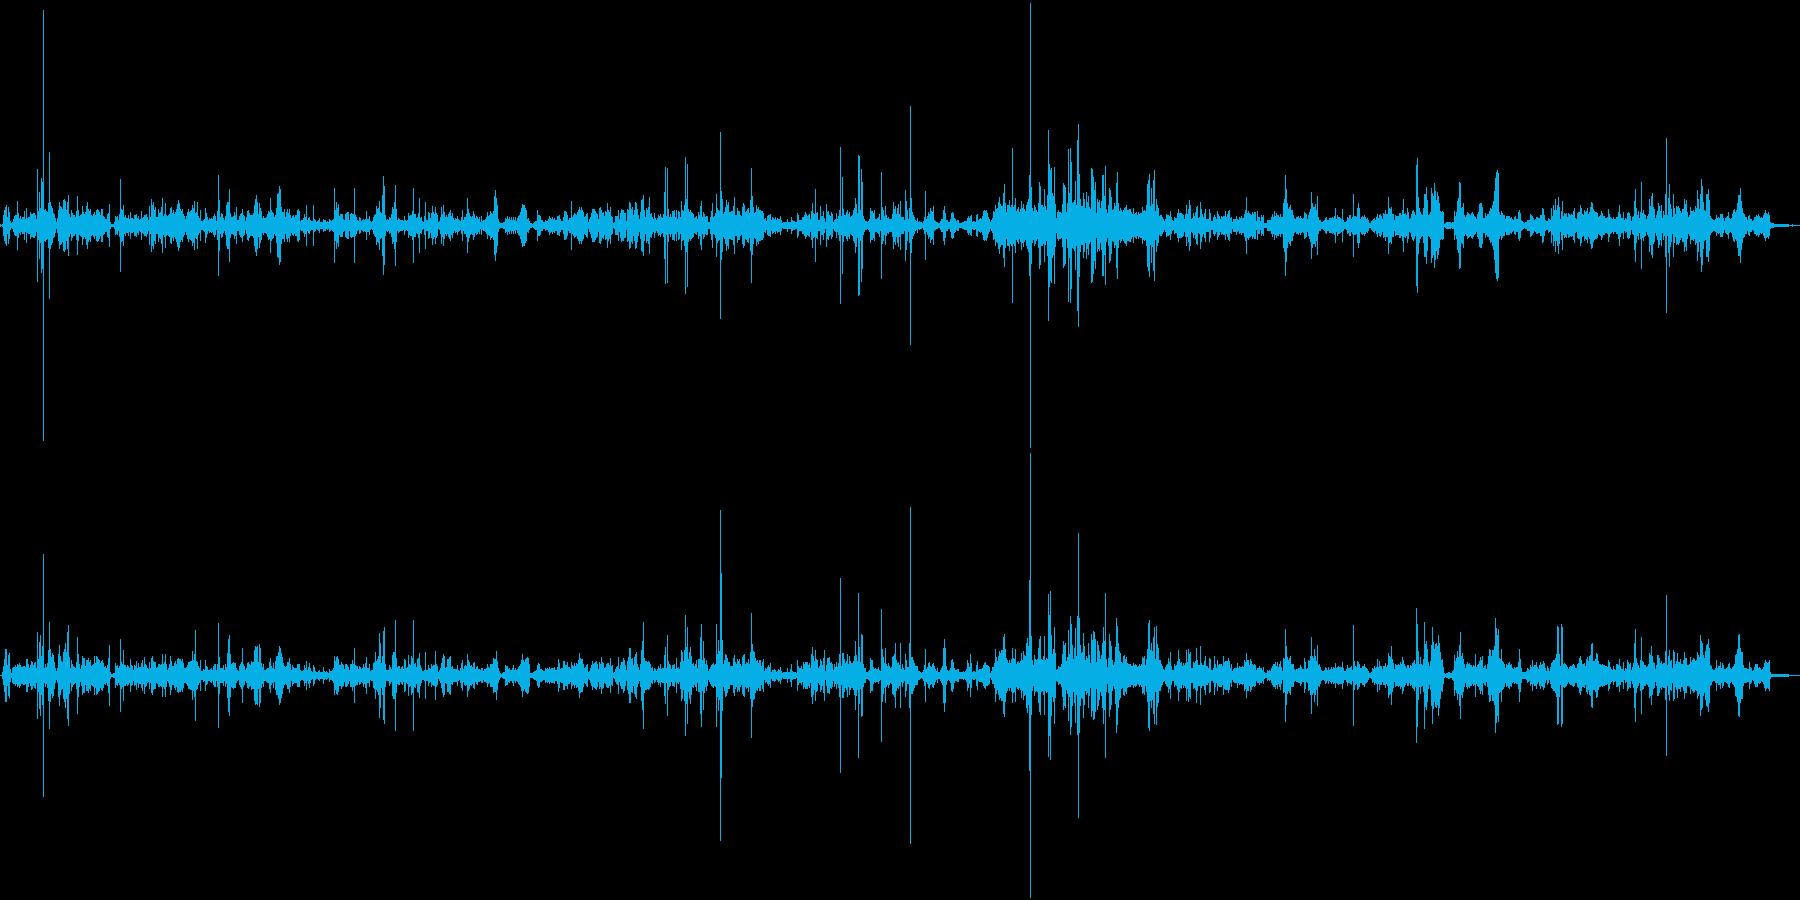 【生録音】ASMR 布の擦れる音・ノイズの再生済みの波形